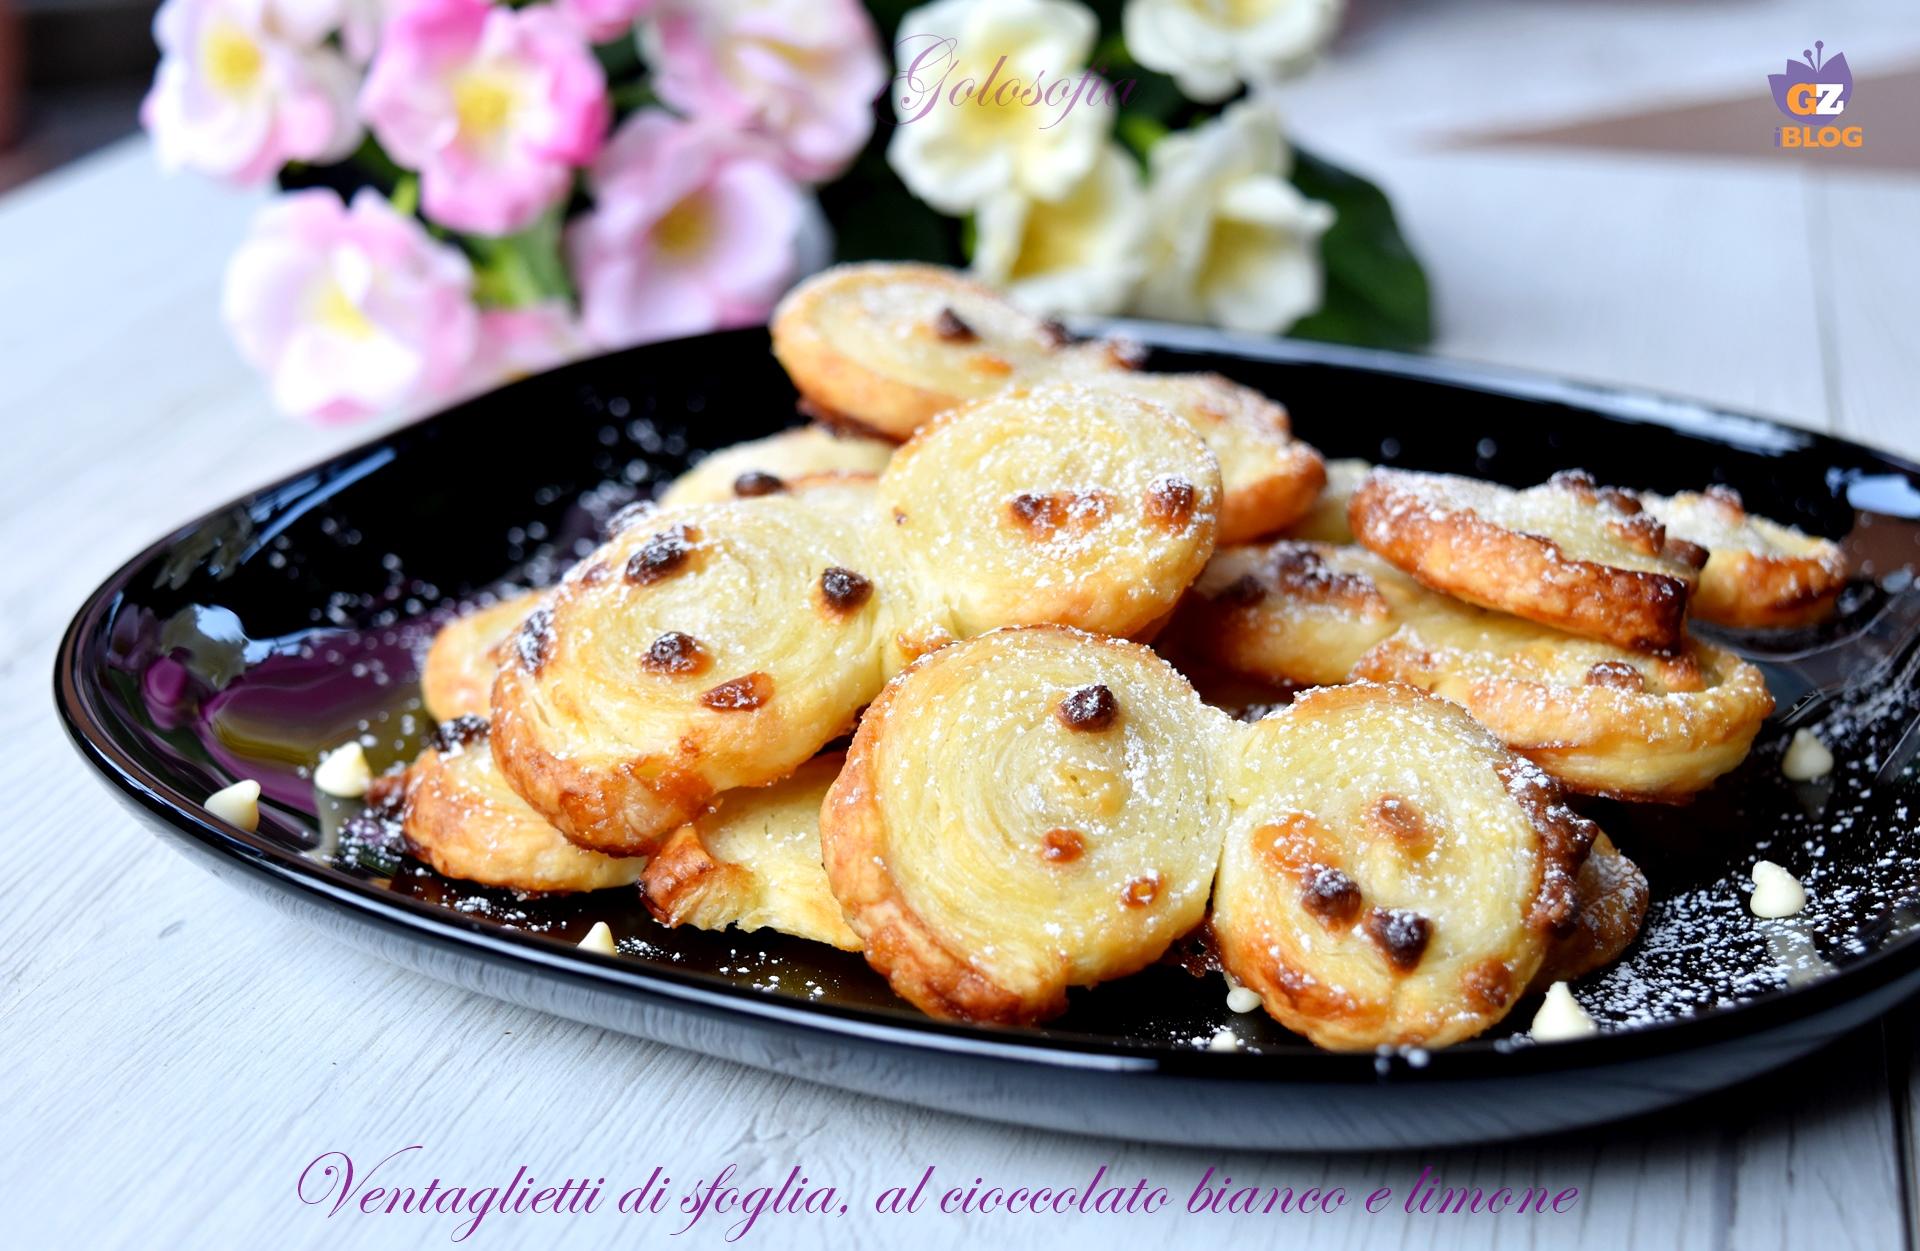 Ventaglietti di sfoglia al cioccolato bianco e limone-ricetta